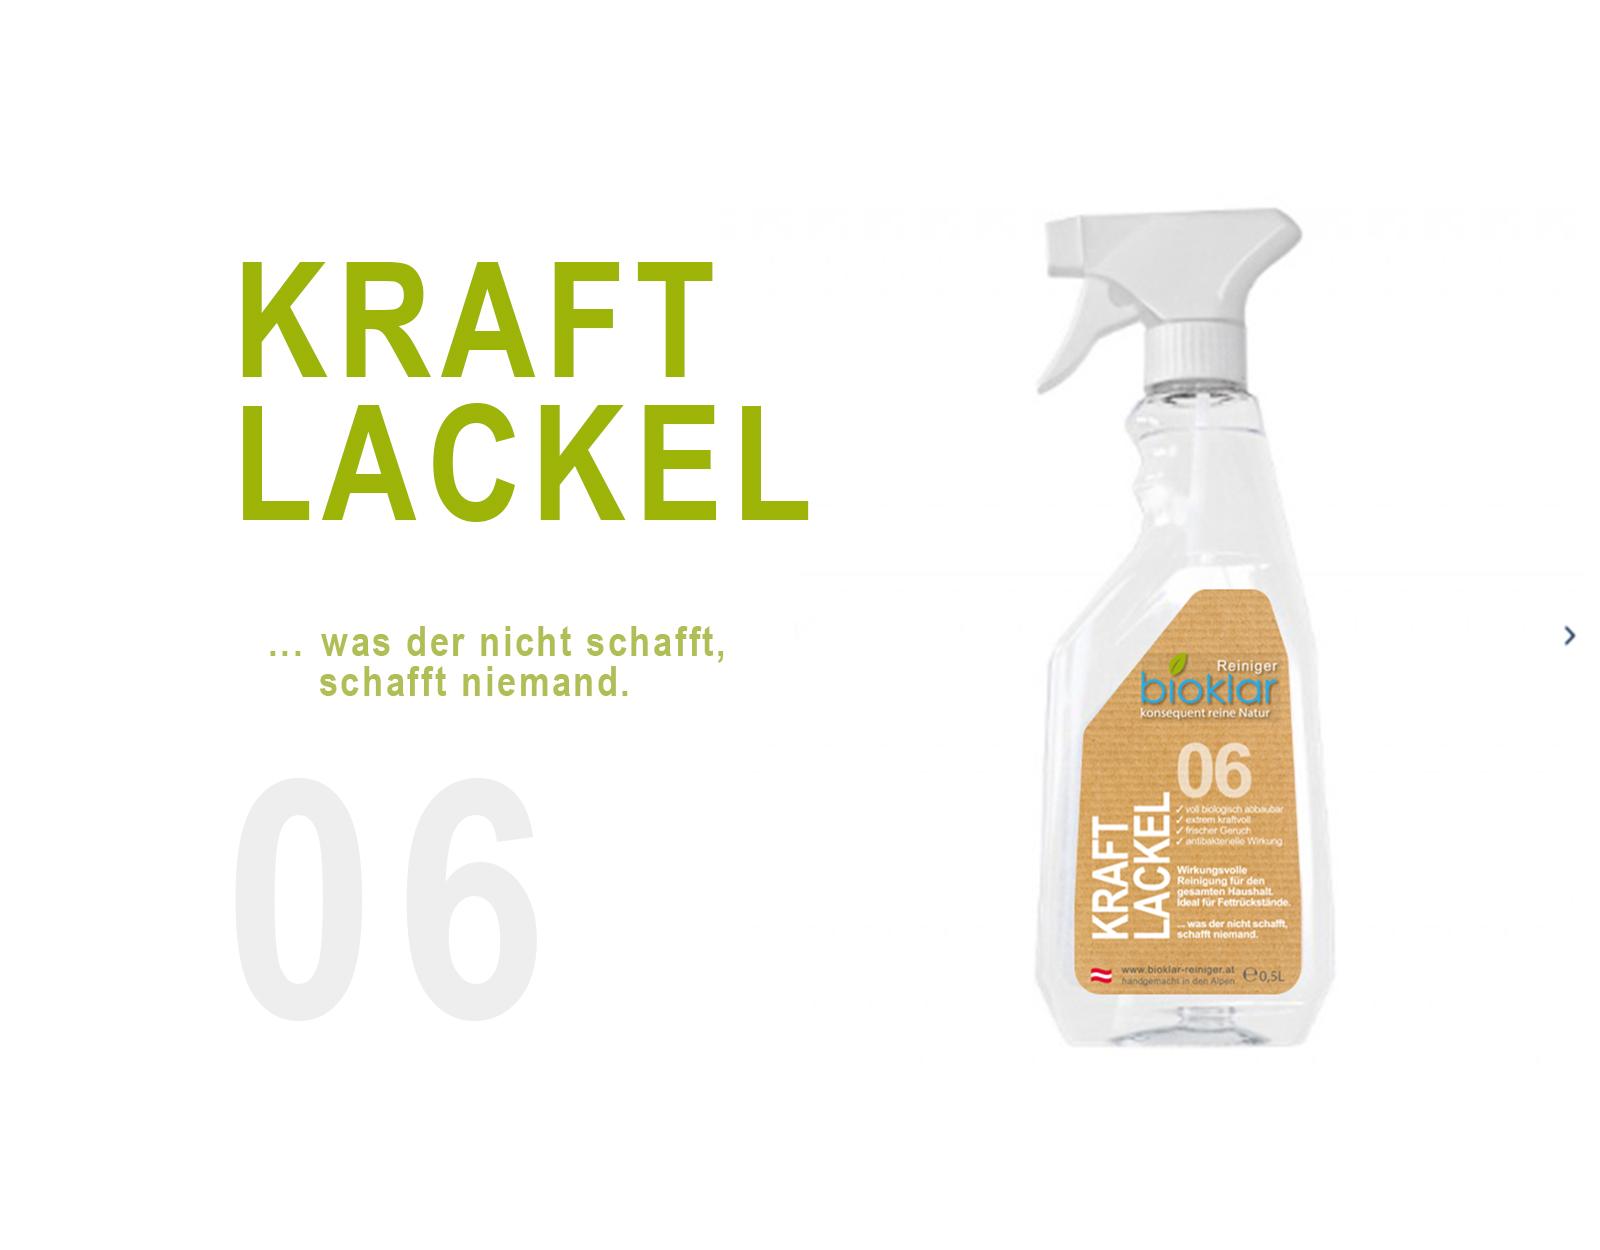 06 KRAFT LACKEL